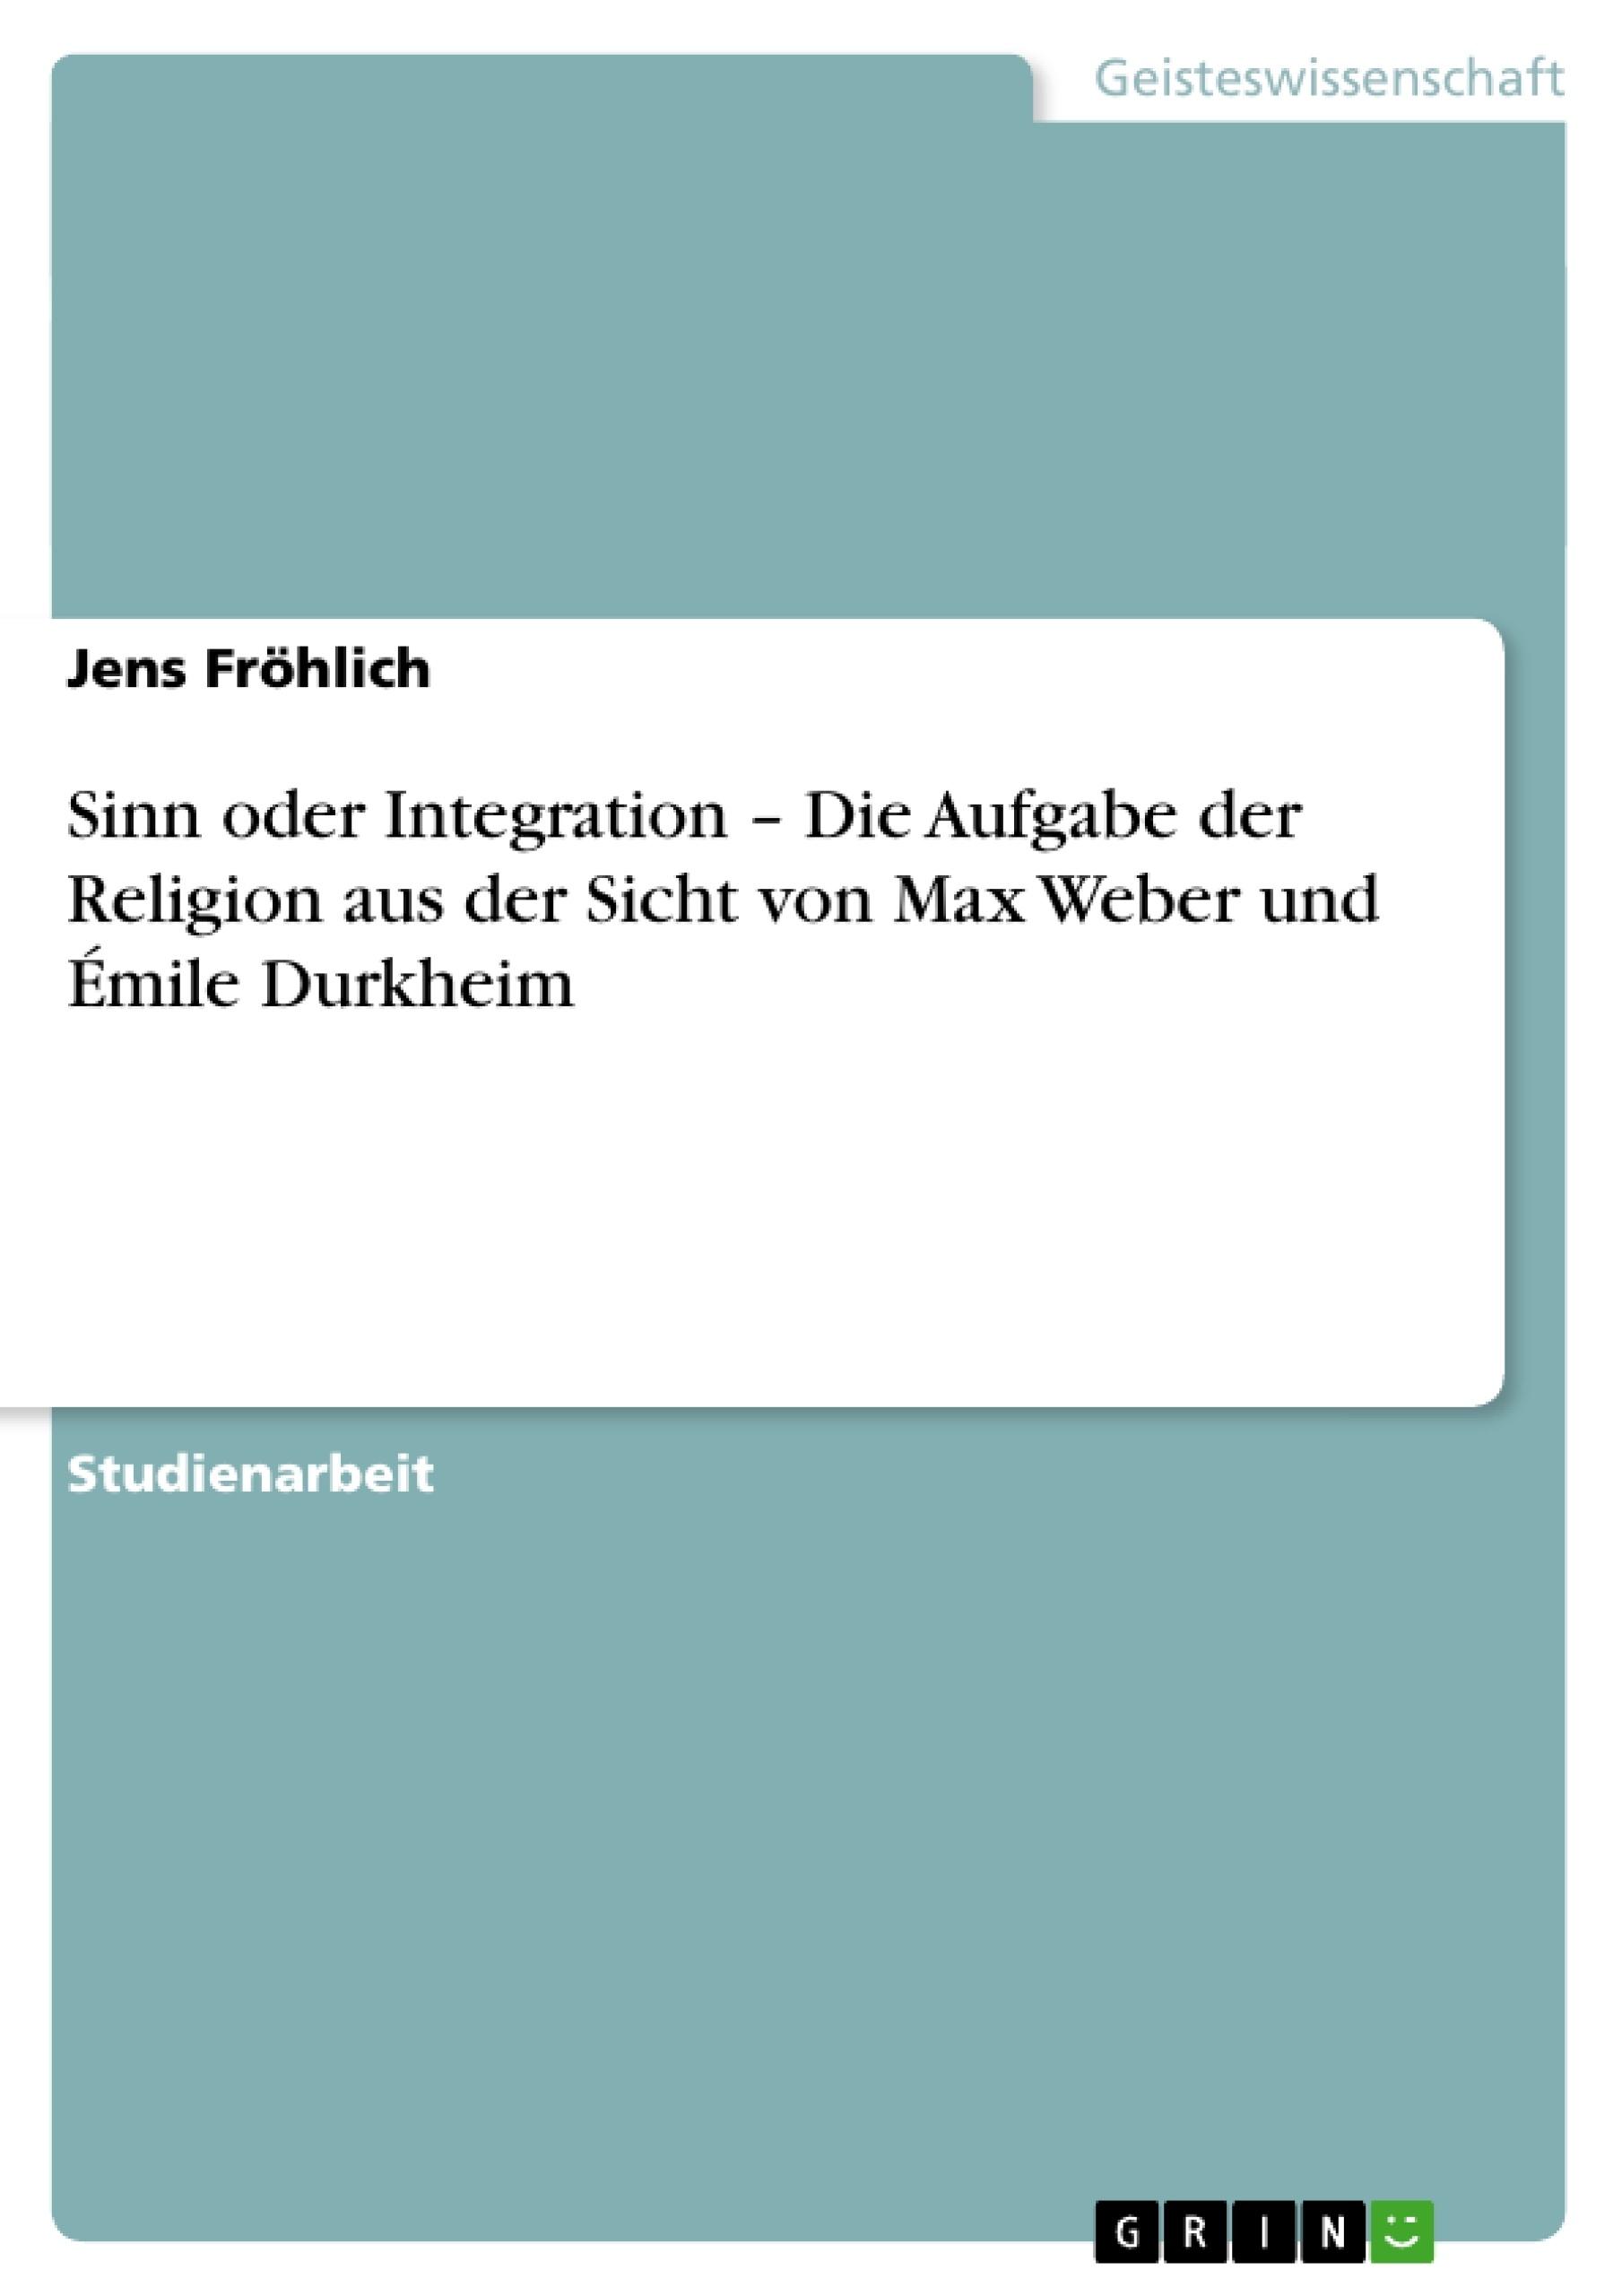 Titel: Sinn oder Integration –  Die Aufgabe der Religion aus der Sicht von Max Weber und Émile Durkheim